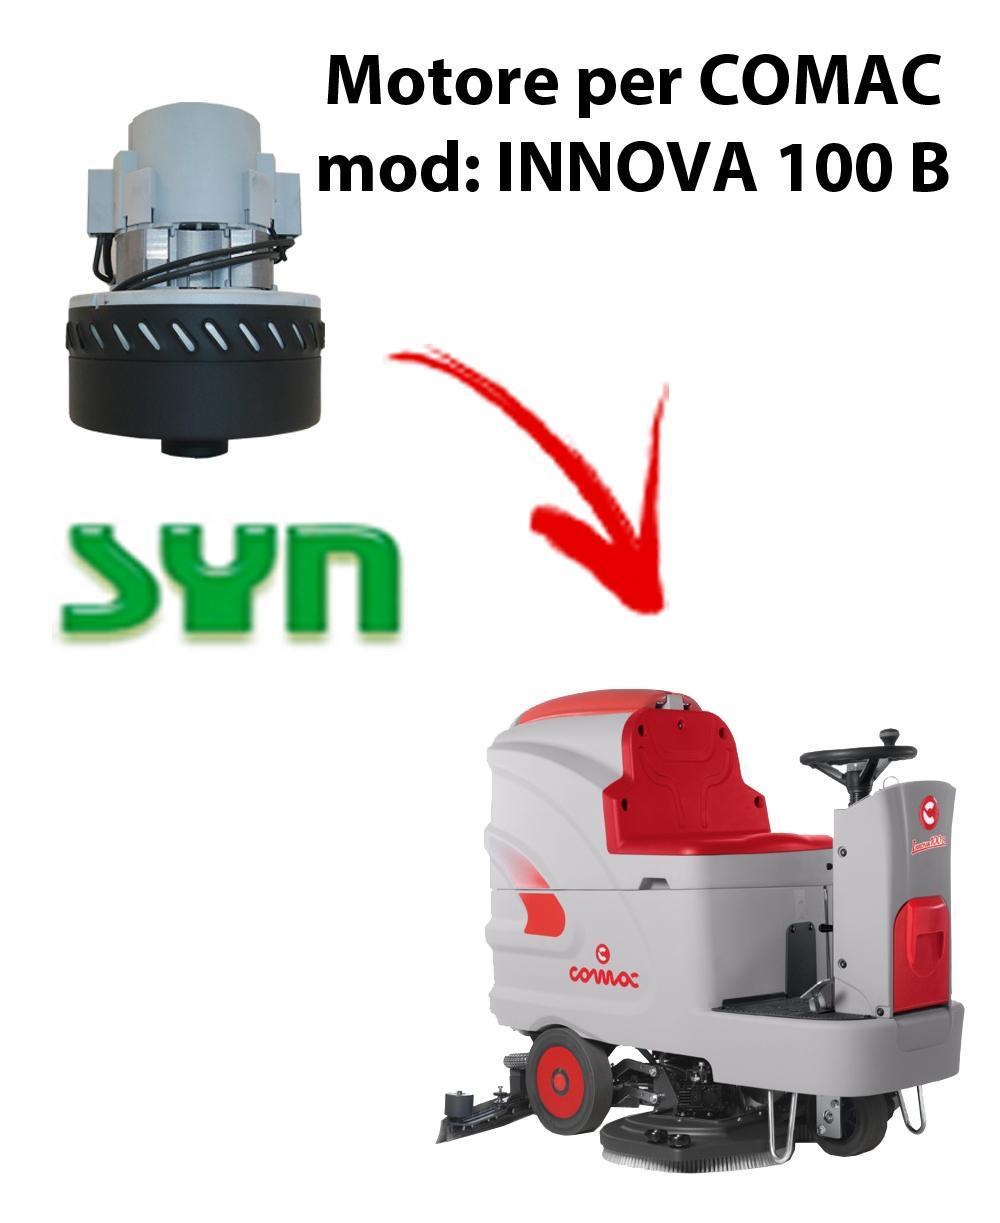 INNOVA 100 B Motore de aspiración SYN para fregadora Comac